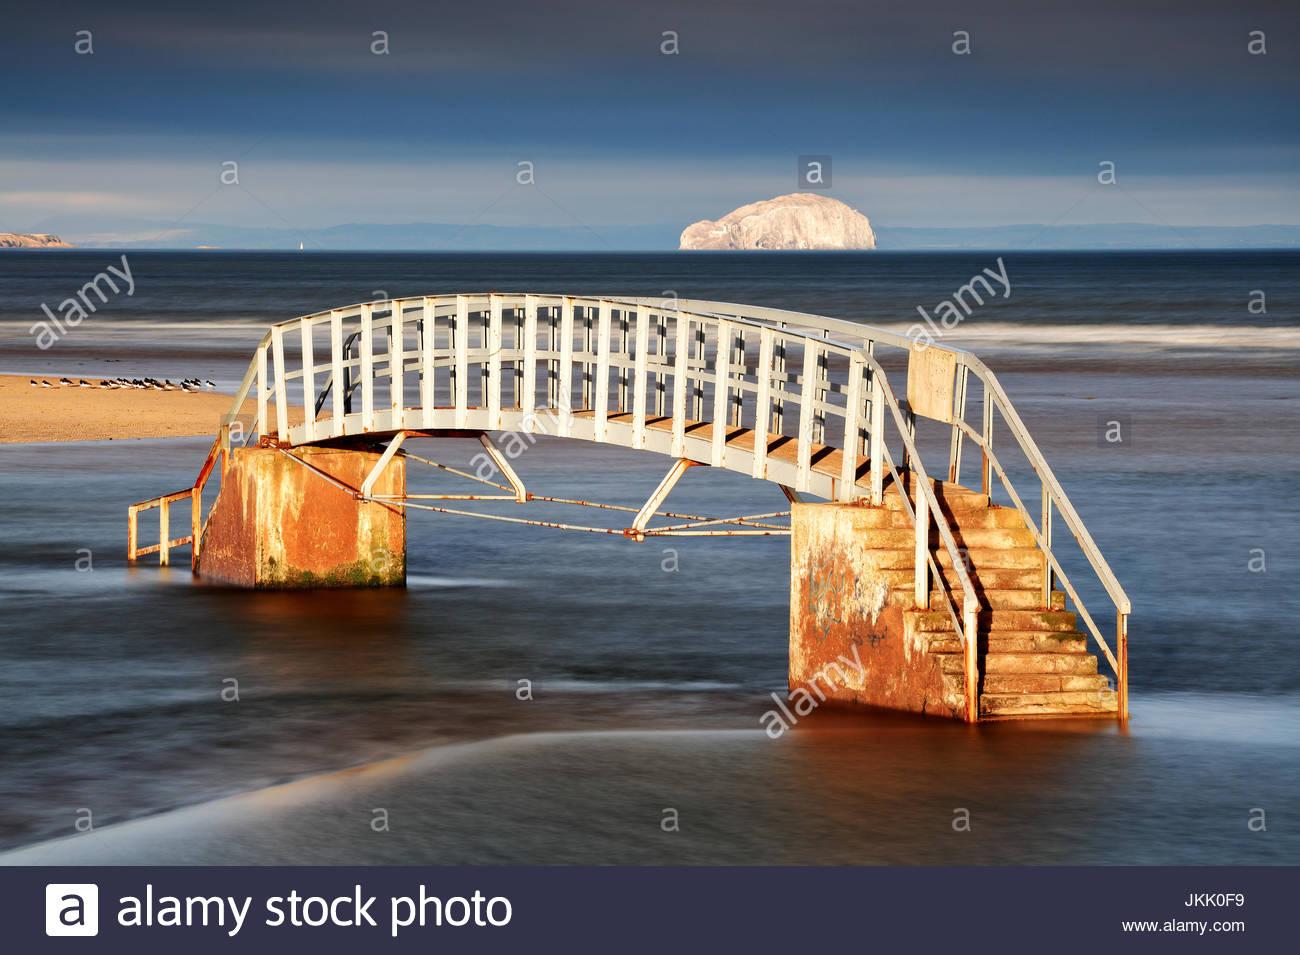 Die Brücke nirgendwo vom Ufer Belhaven Bucht mit dem Bass in der Ferne, Dunbar, North Berwick zu rocken. Stockfoto